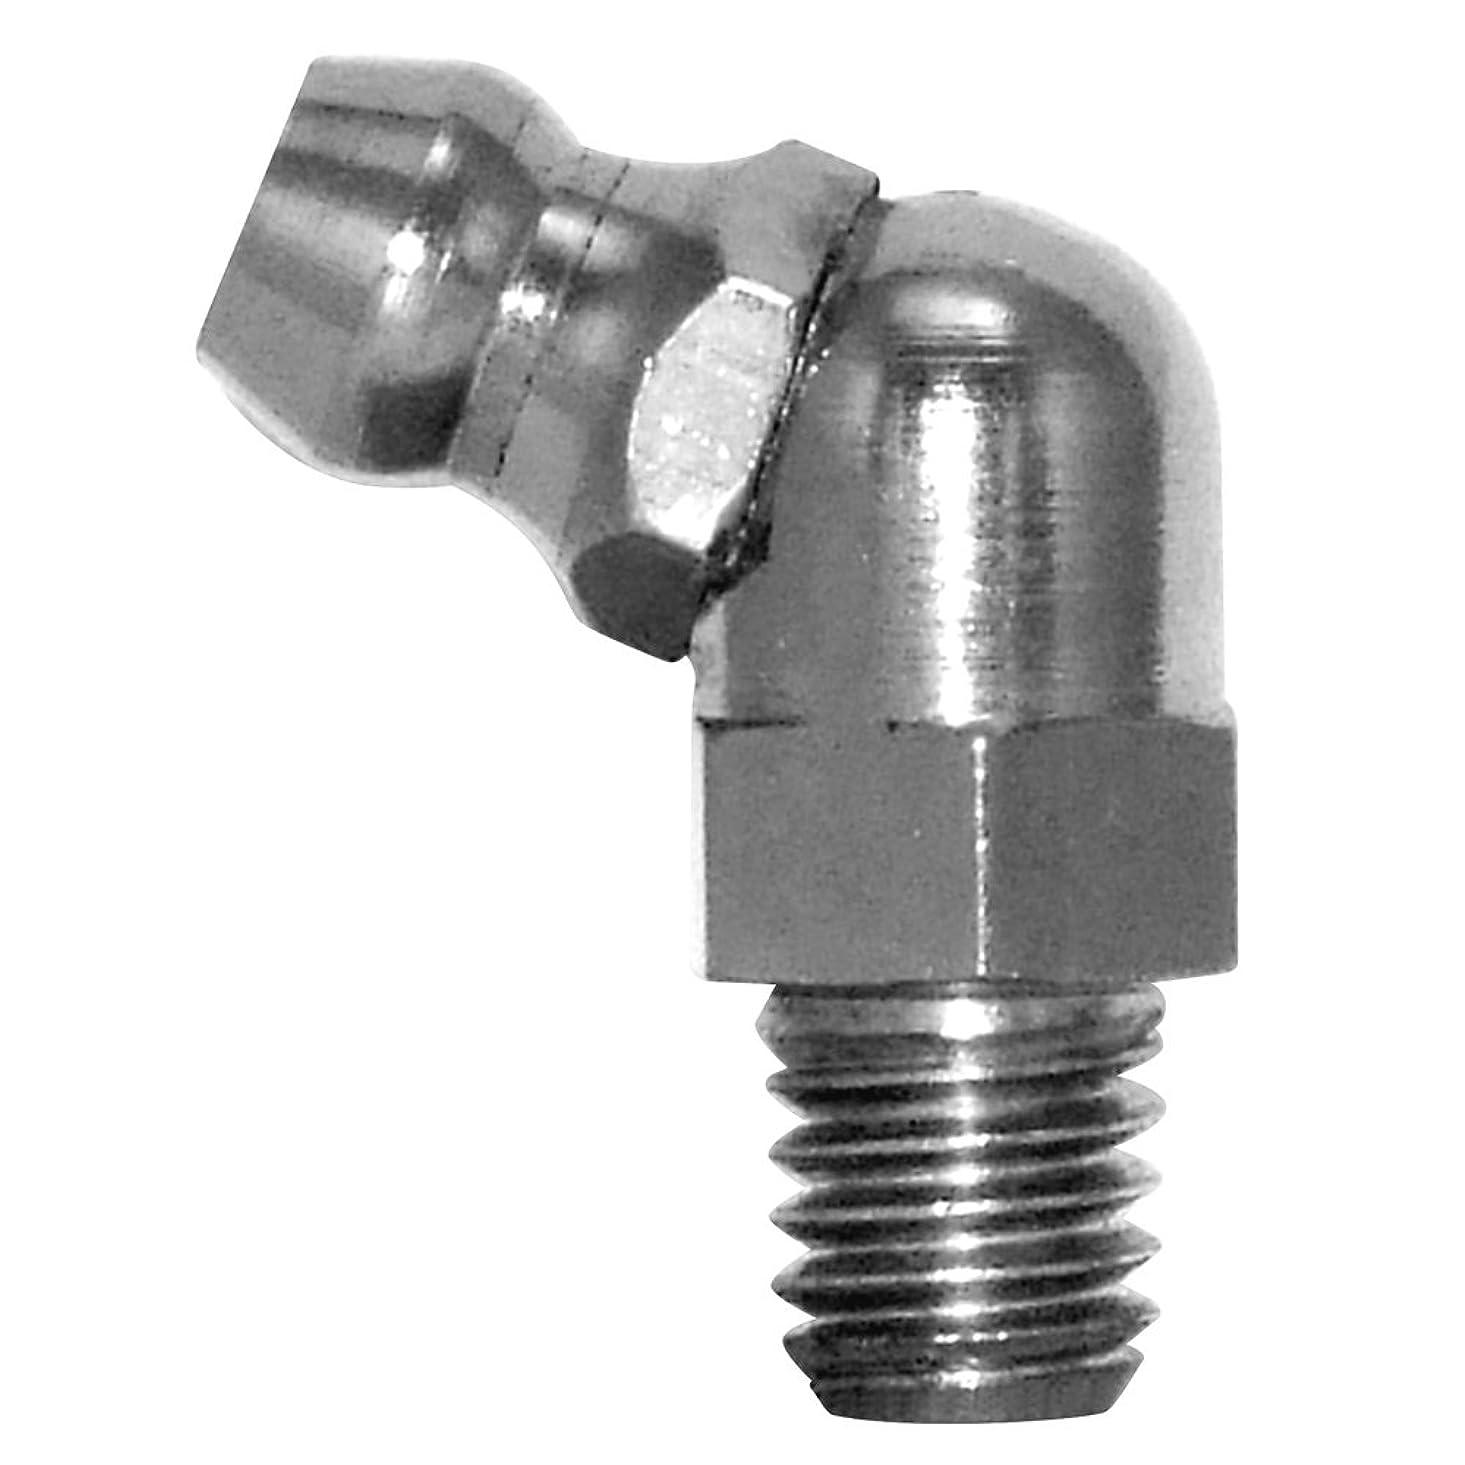 おとなしい記念碑的なやるAZ(エーゼット) グリスニップル 真鍮 [3個入] 67-6×P1.0 (グリースニップル?注油工具) GB704